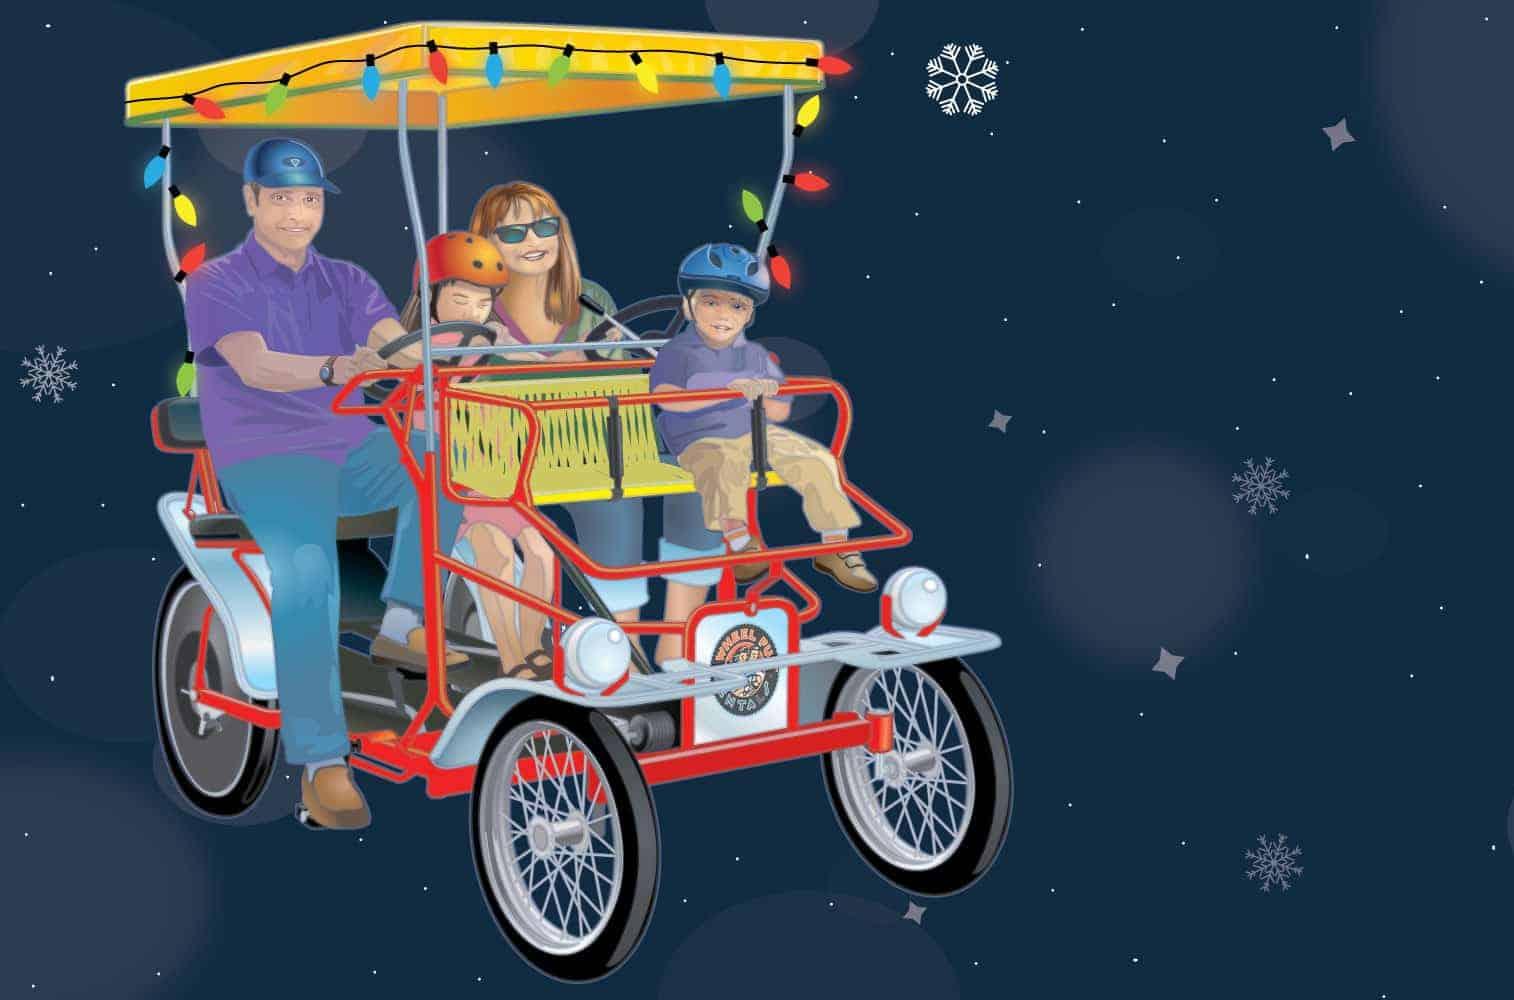 Wheel Fun Rental Surrey Sleigh Rides at Hotel Del Coronado